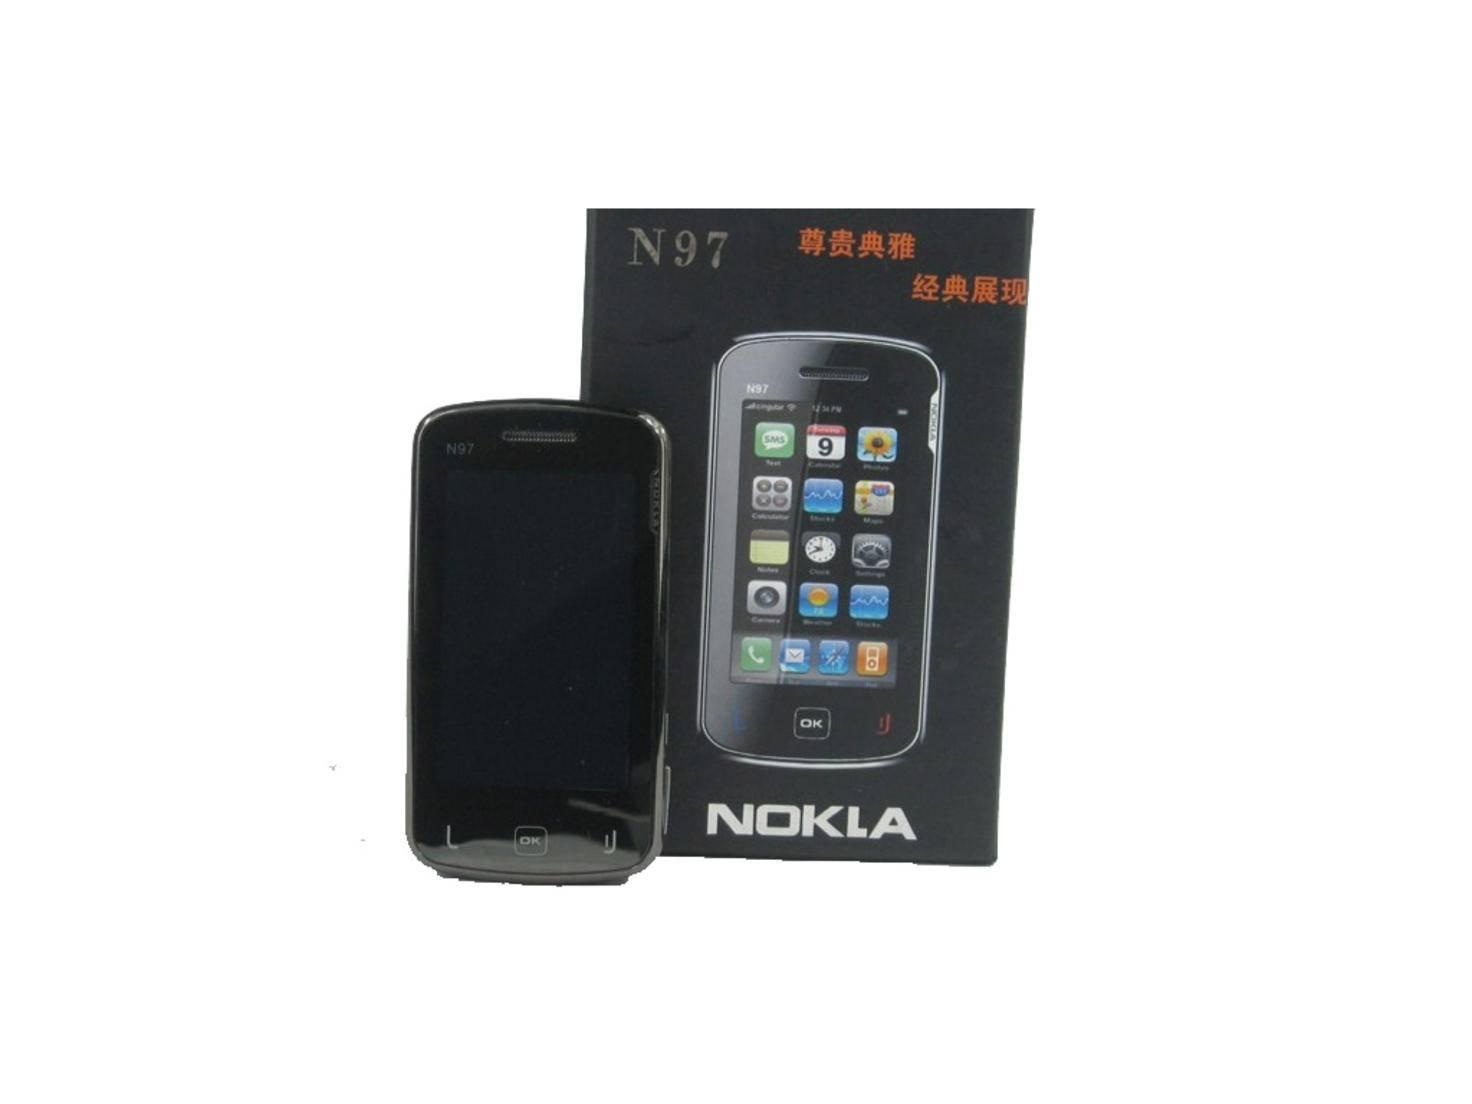 Nokla-N97